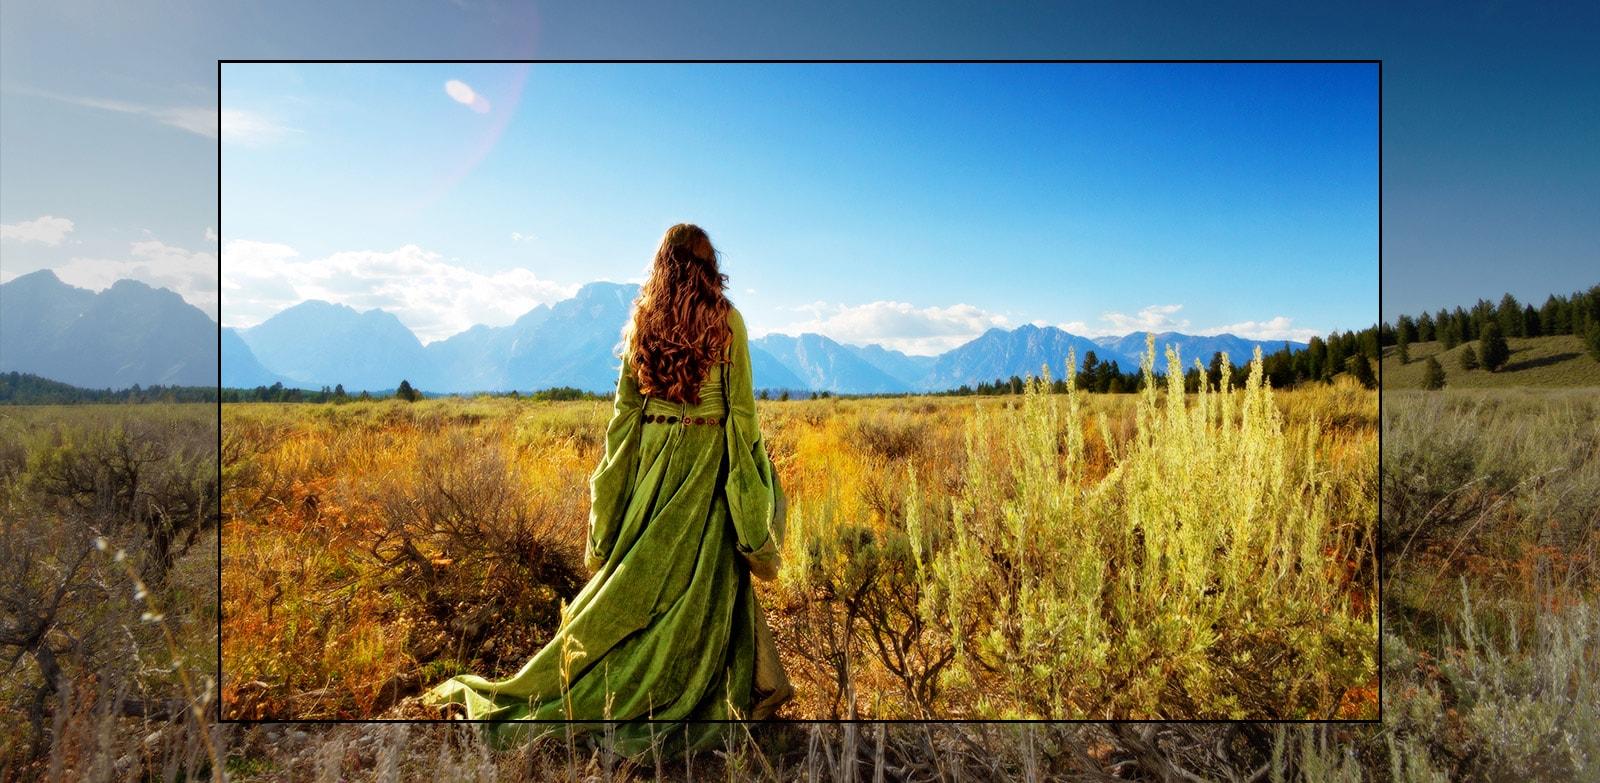 Μια οθόνη τηλεόρασης που δείχνει μια σκηνή από μια ταινία φαντασίας με μια γυναίκα που στέκεται στον αγρό και κοιτάζει τα βουνά.